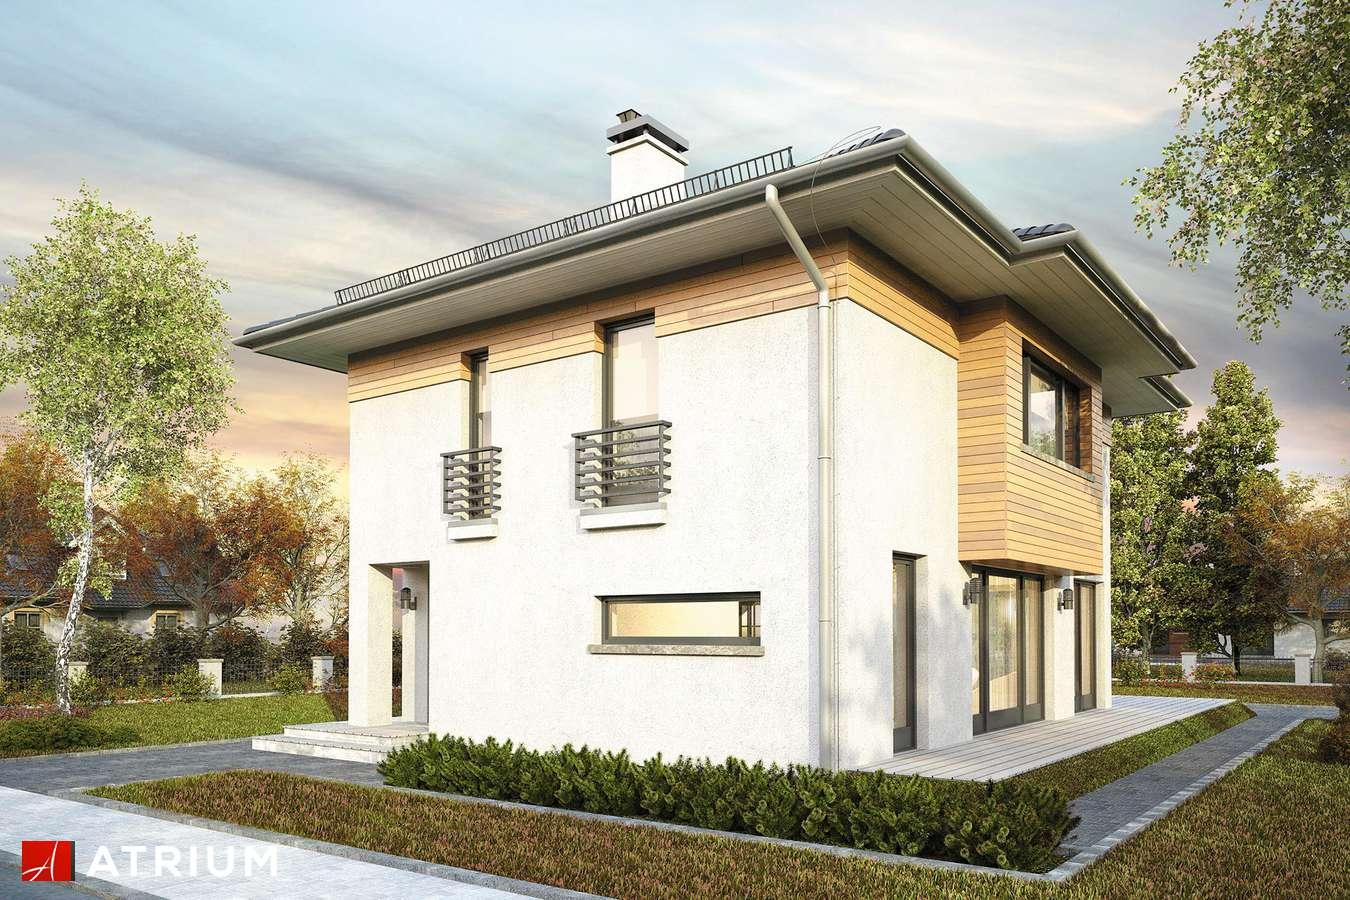 Projekty domów - Projekt domu piętrowego MILANO V - wizualizacja 2 - wersja lustrzana